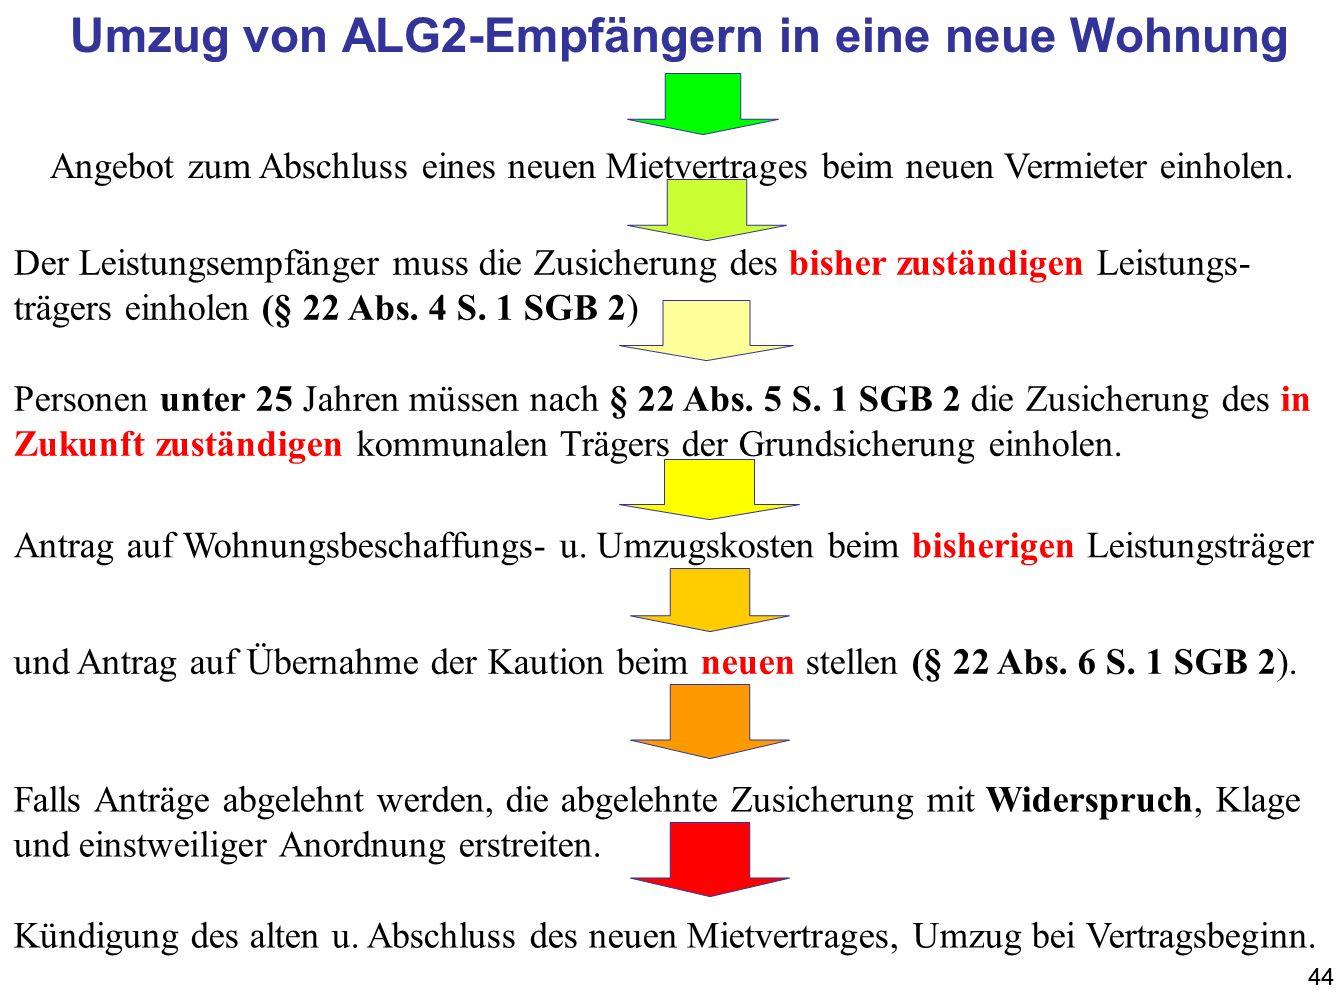 44 Umzug von ALG2-Empfängern in eine neue Wohnung Angebot zum Abschluss eines neuen Mietvertrages beim neuen Vermieter einholen.